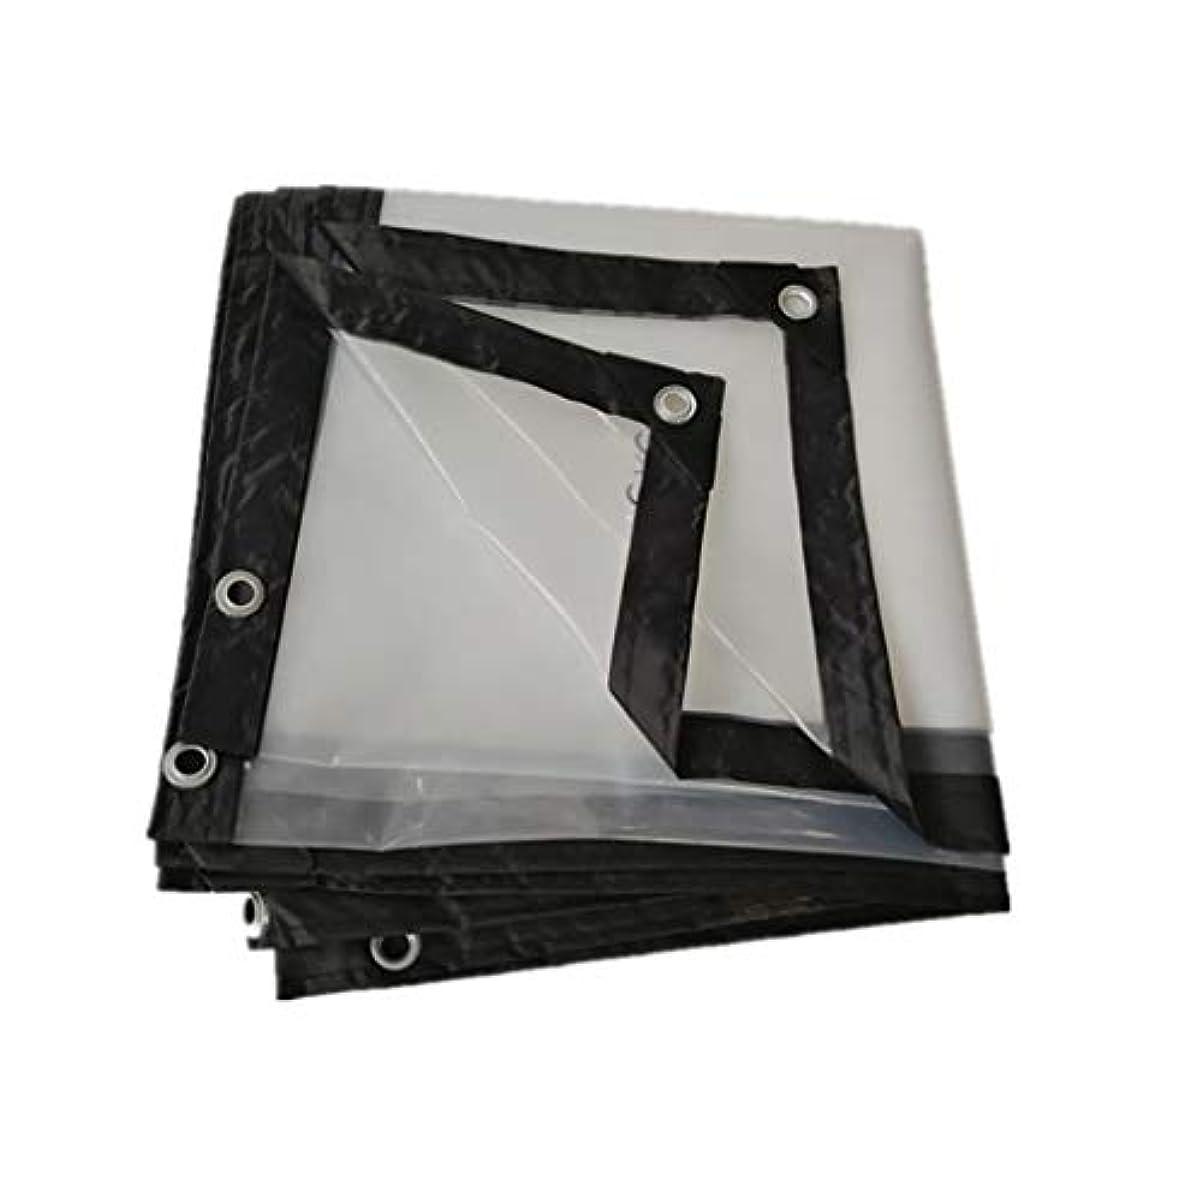 ピーブグラディステラスキャノピープラスチック防水防風透明ターポリンポリエチレン保温パーゴラカバー温室、マルチサイズオプション (Size : 6*6m)